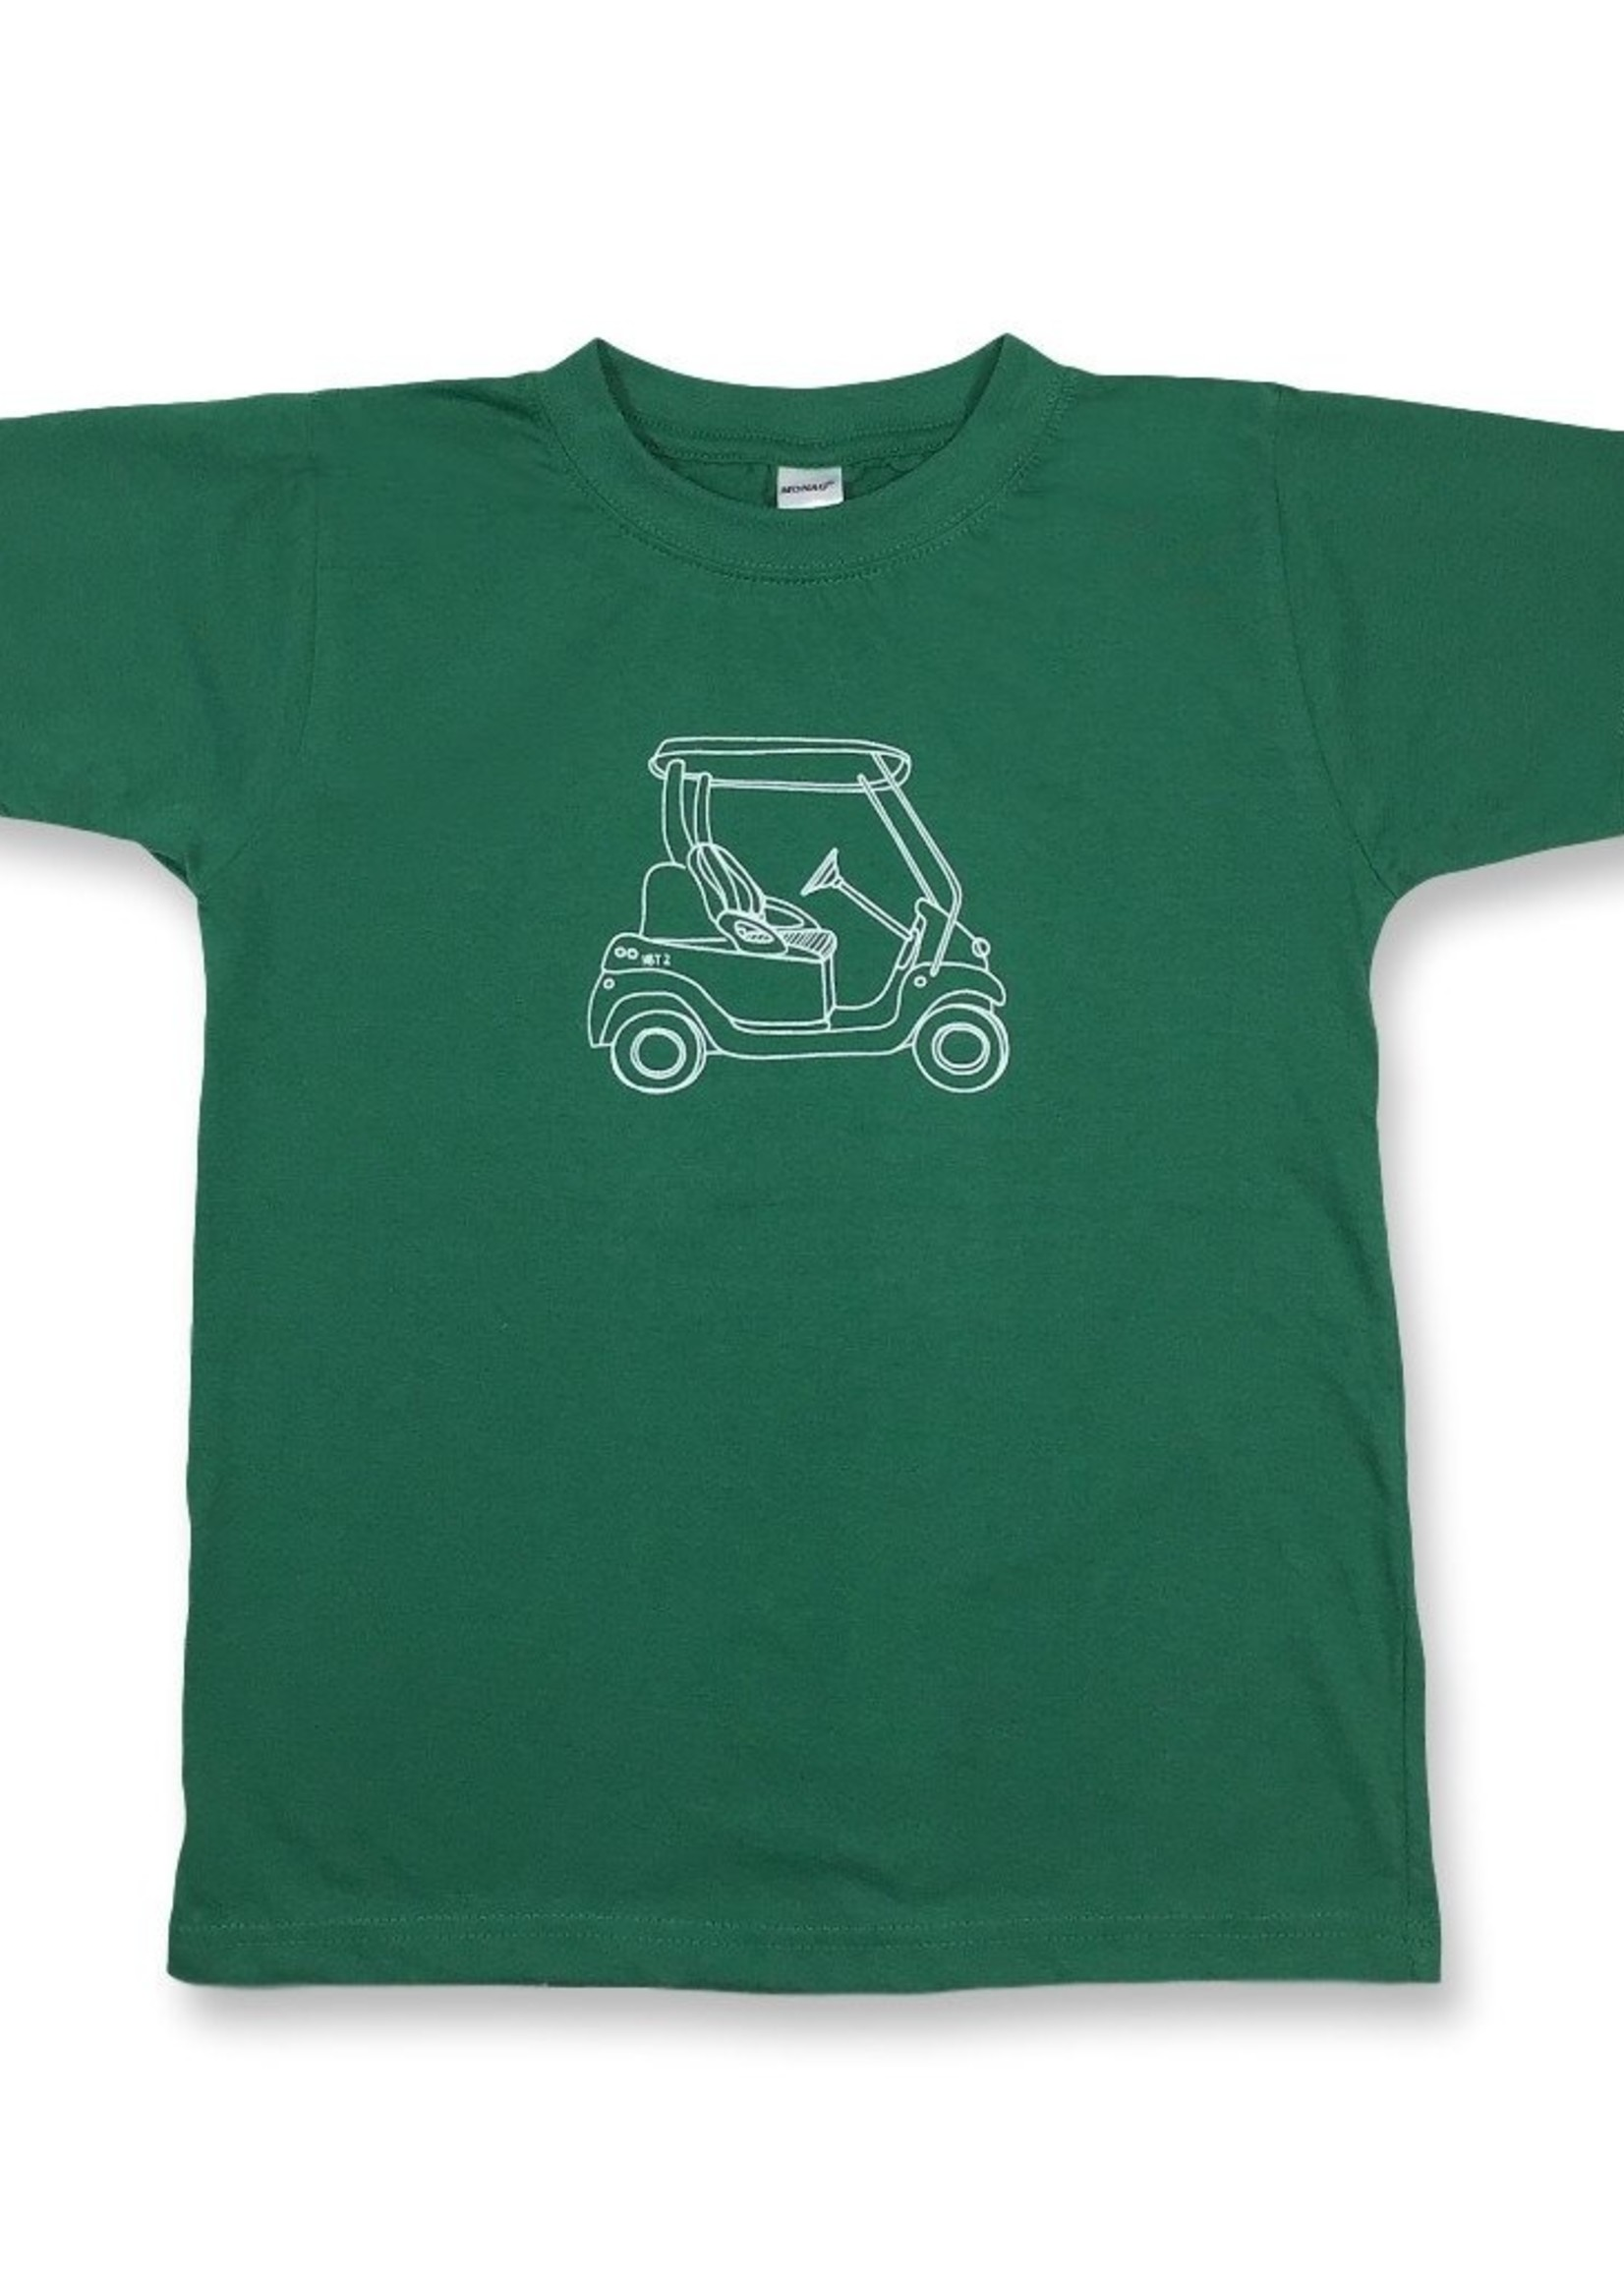 Honey Bee Tees Golf Cart Short Sleeve Tee